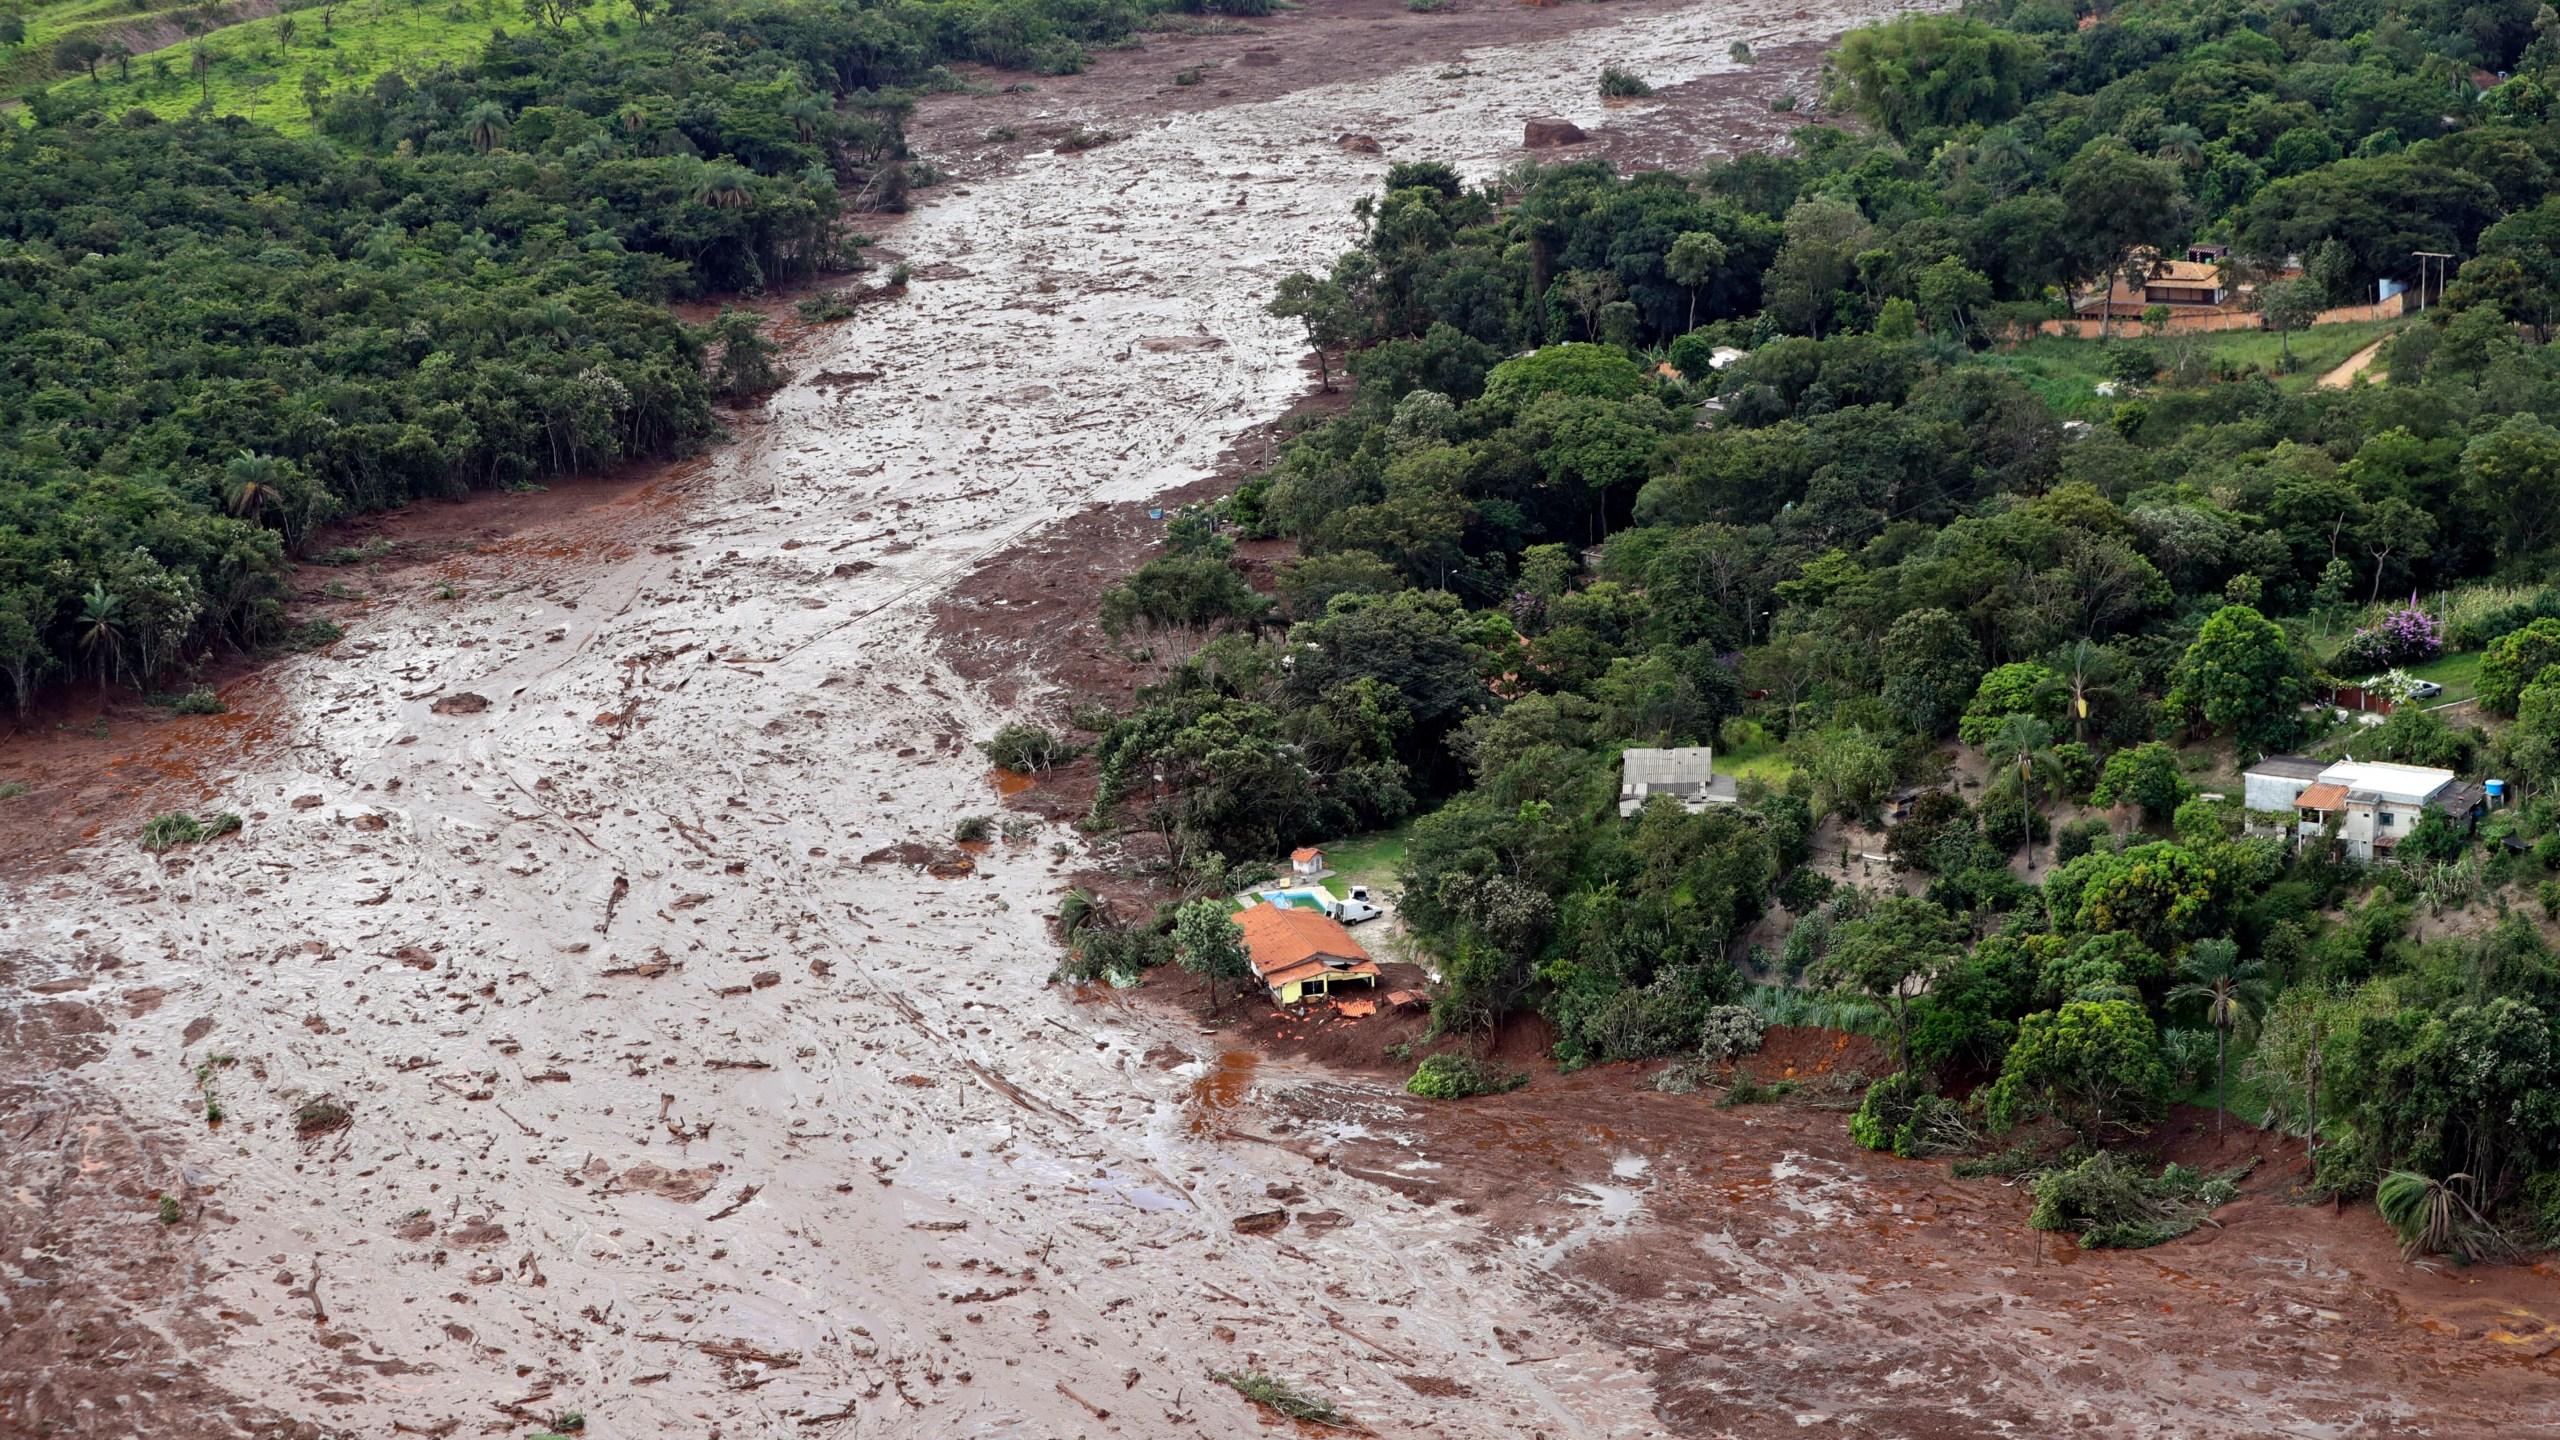 Brazil_Dam_Collapse_77175-159532.jpg13826534